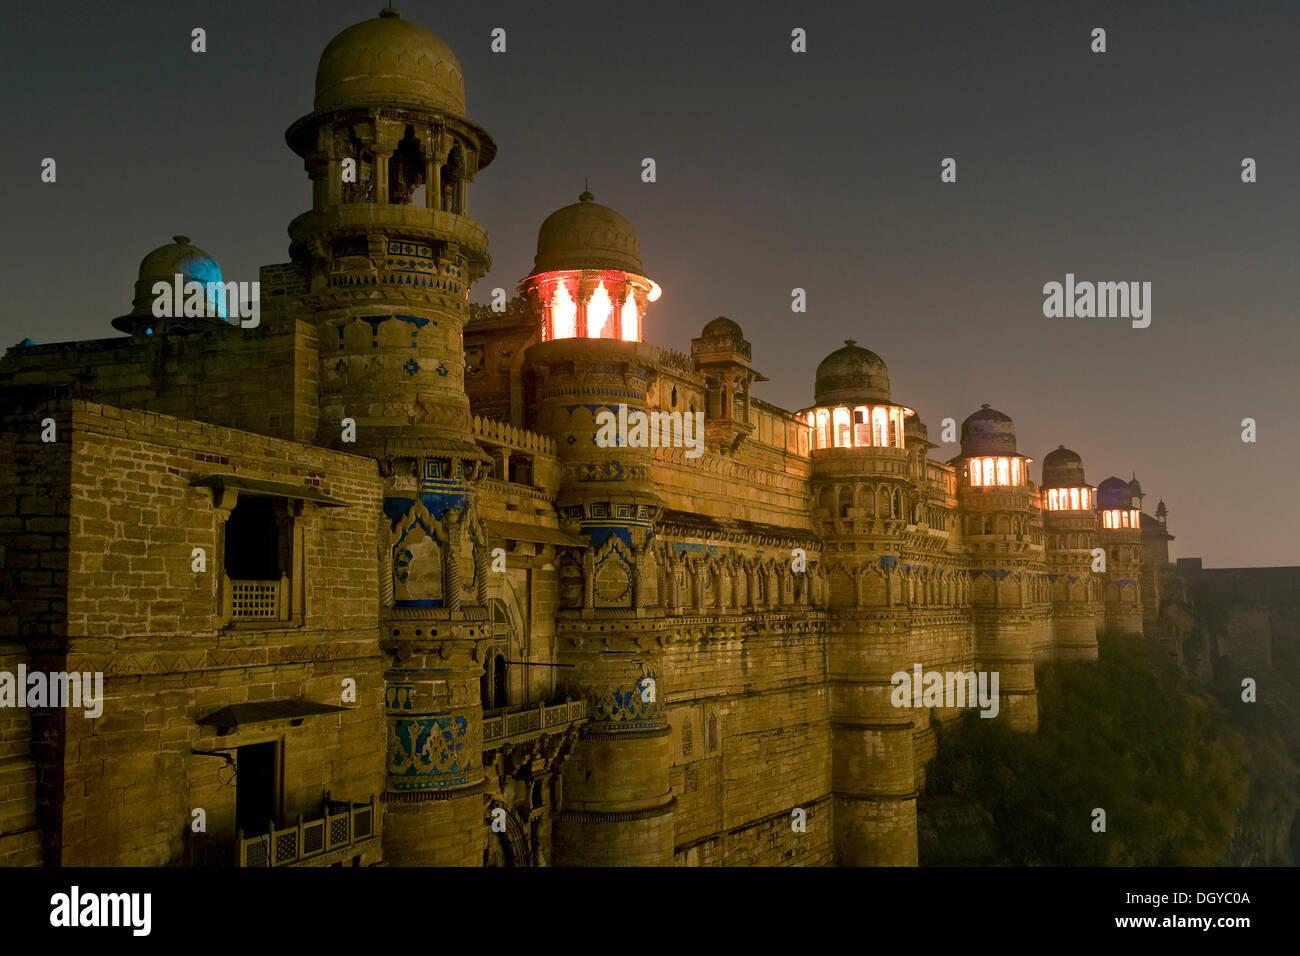 Palacio de Man Singh iluminada, Gwalior Fort, Gwalior, Madhya Pradesh, India, Asia Foto de stock